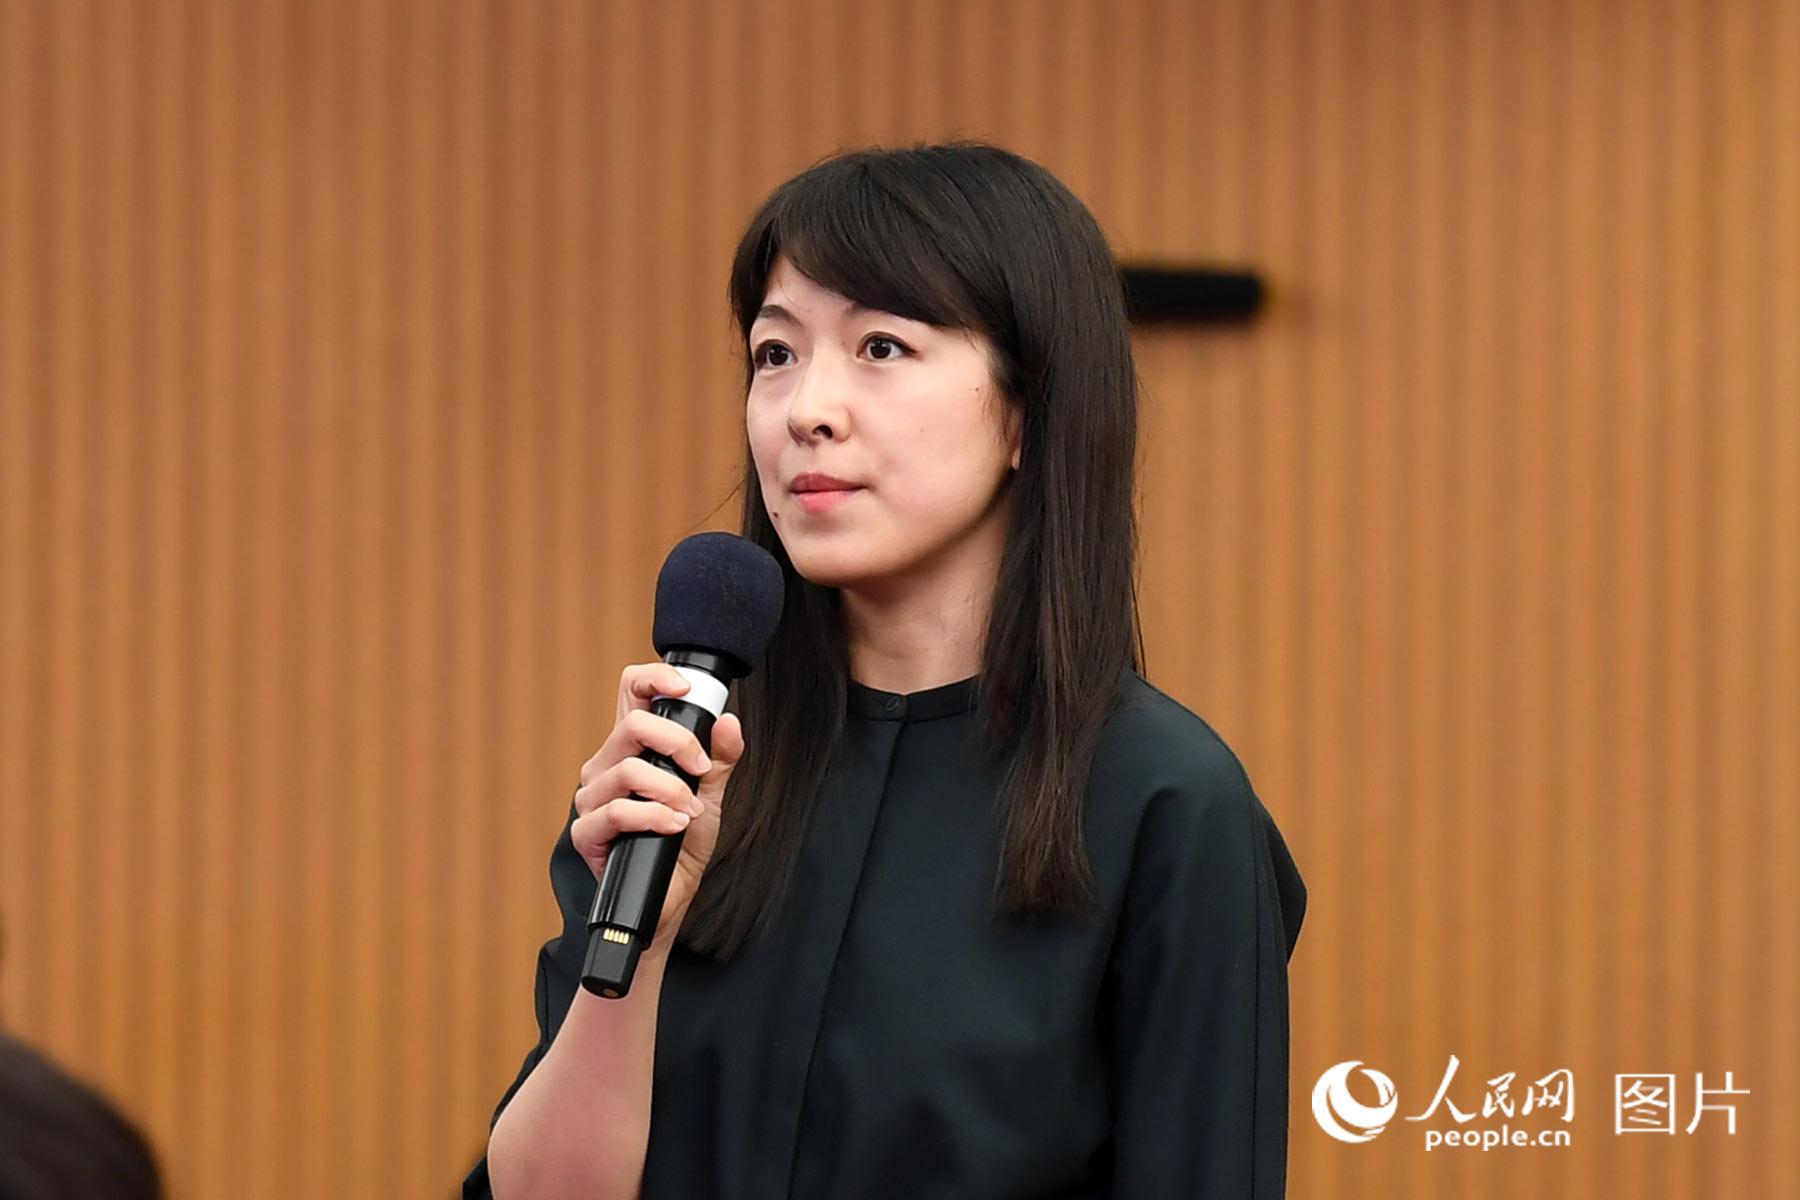 彭博社记者提问。人民网记者 翁奇羽 摄